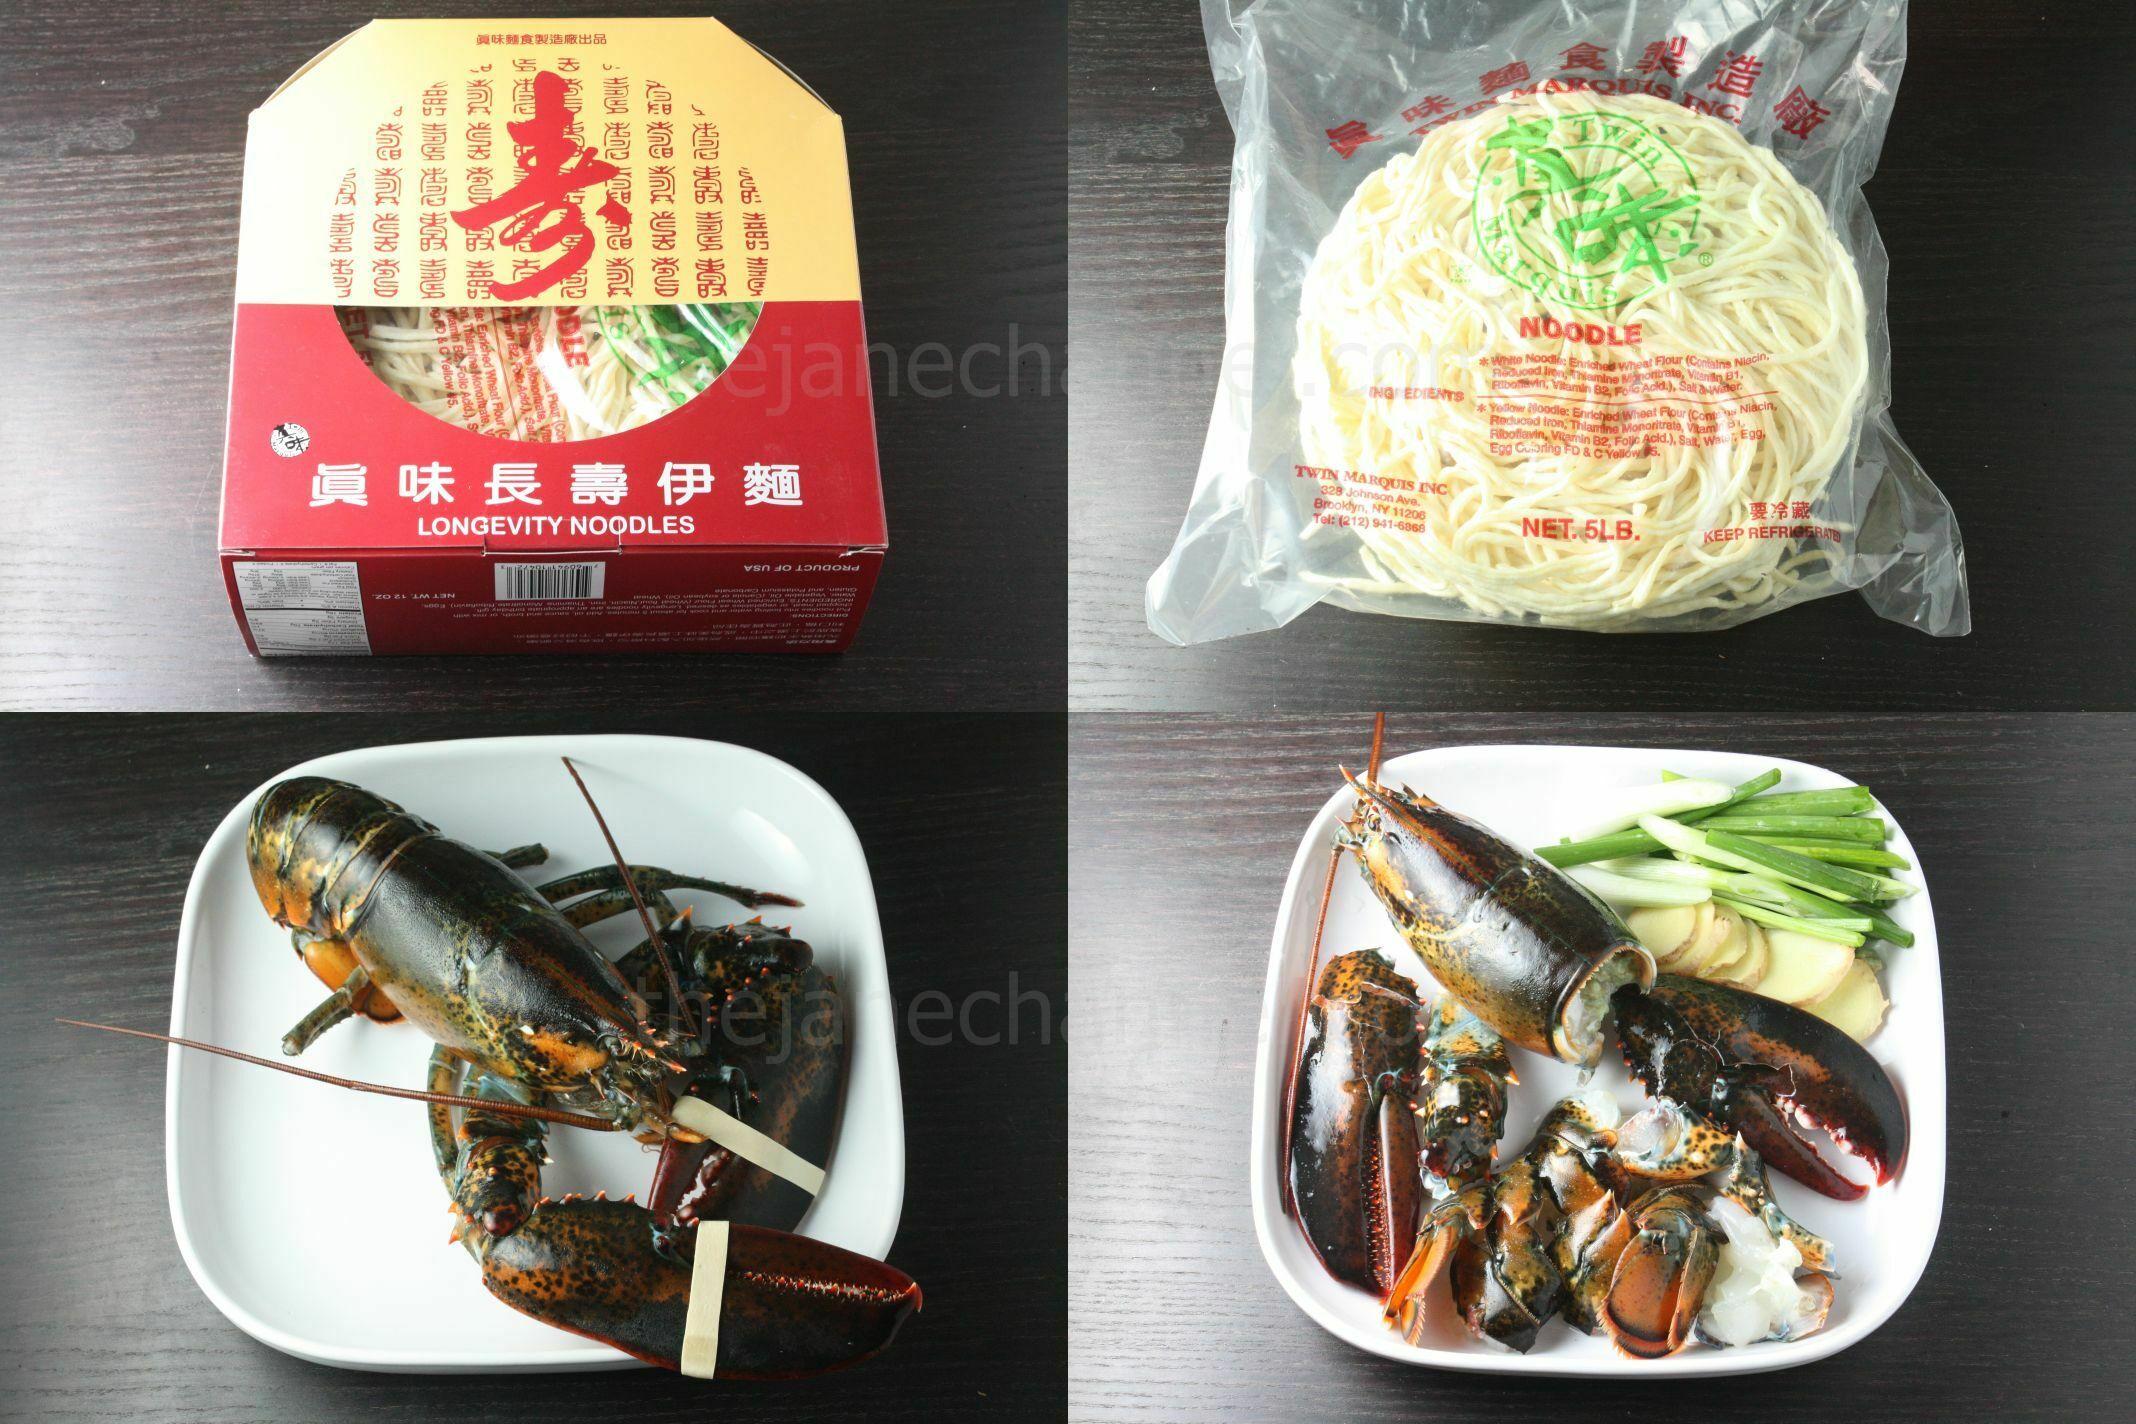 上湯龍蝦伊麵 Lobster Yee Mein (Lobster Noodles) | thejanechannel